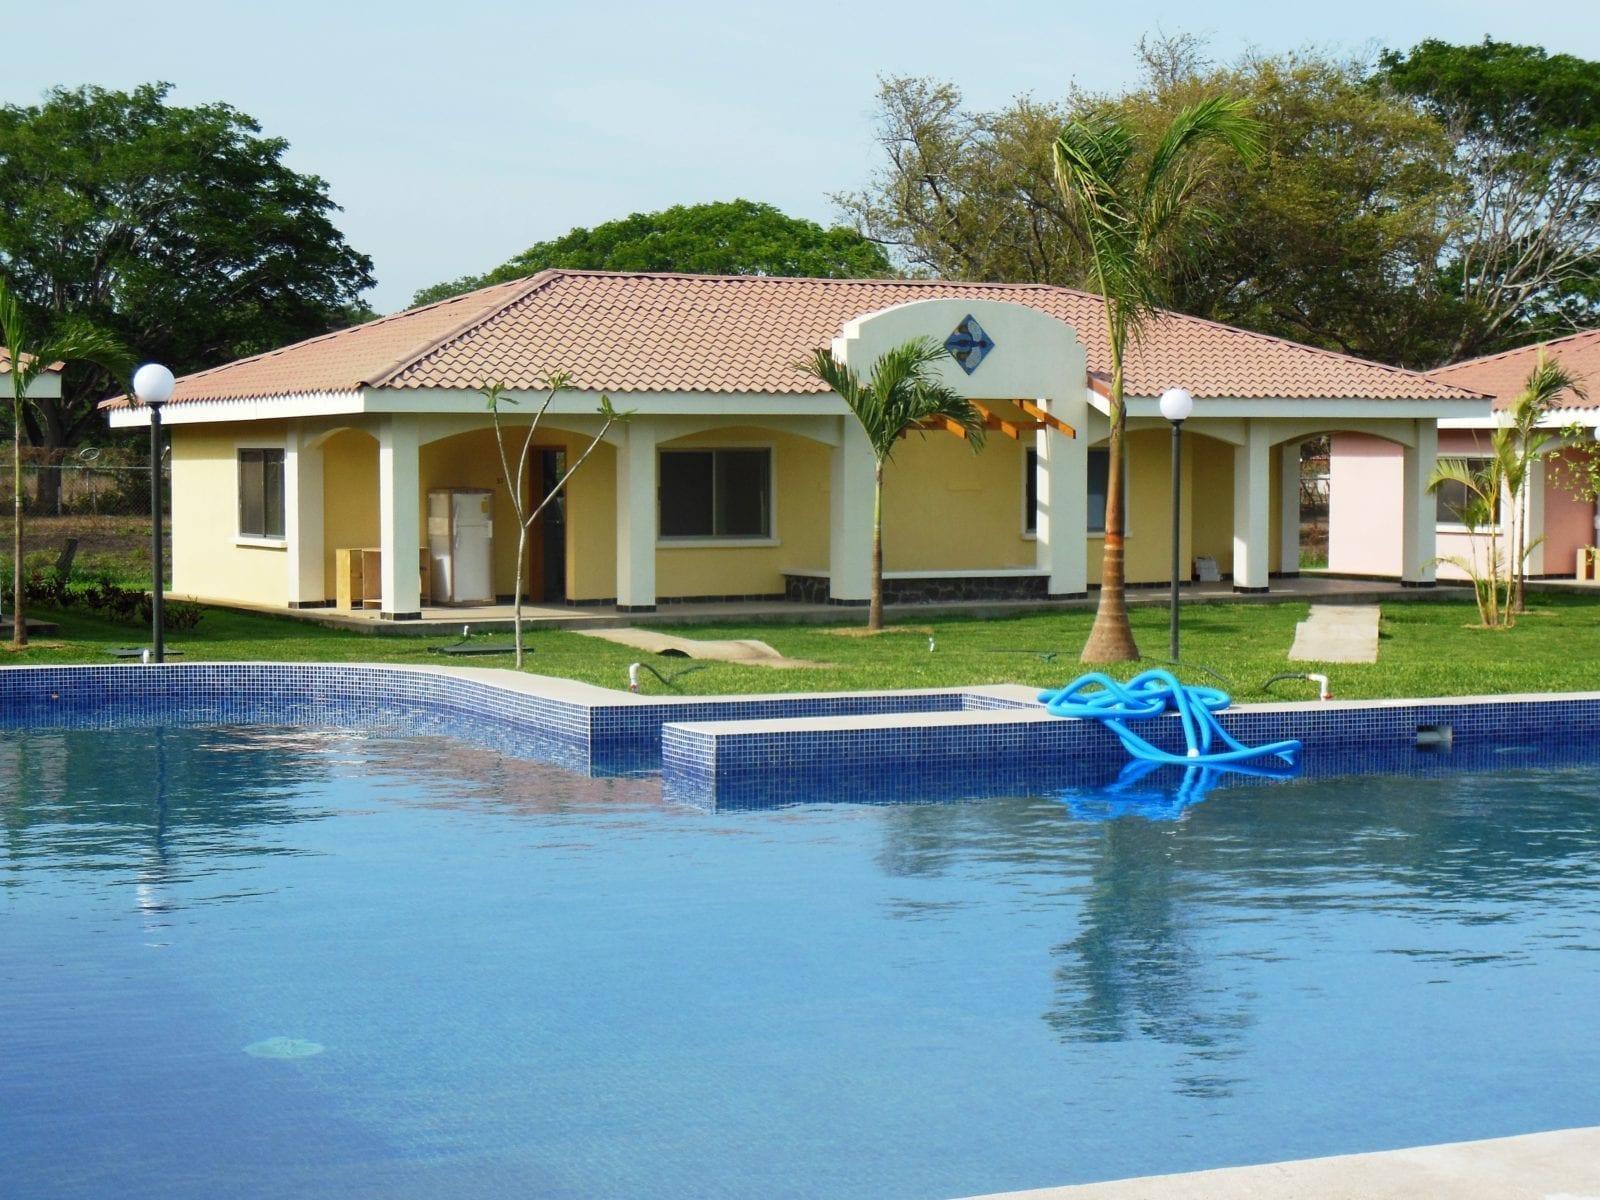 Residence5-DSCN0295